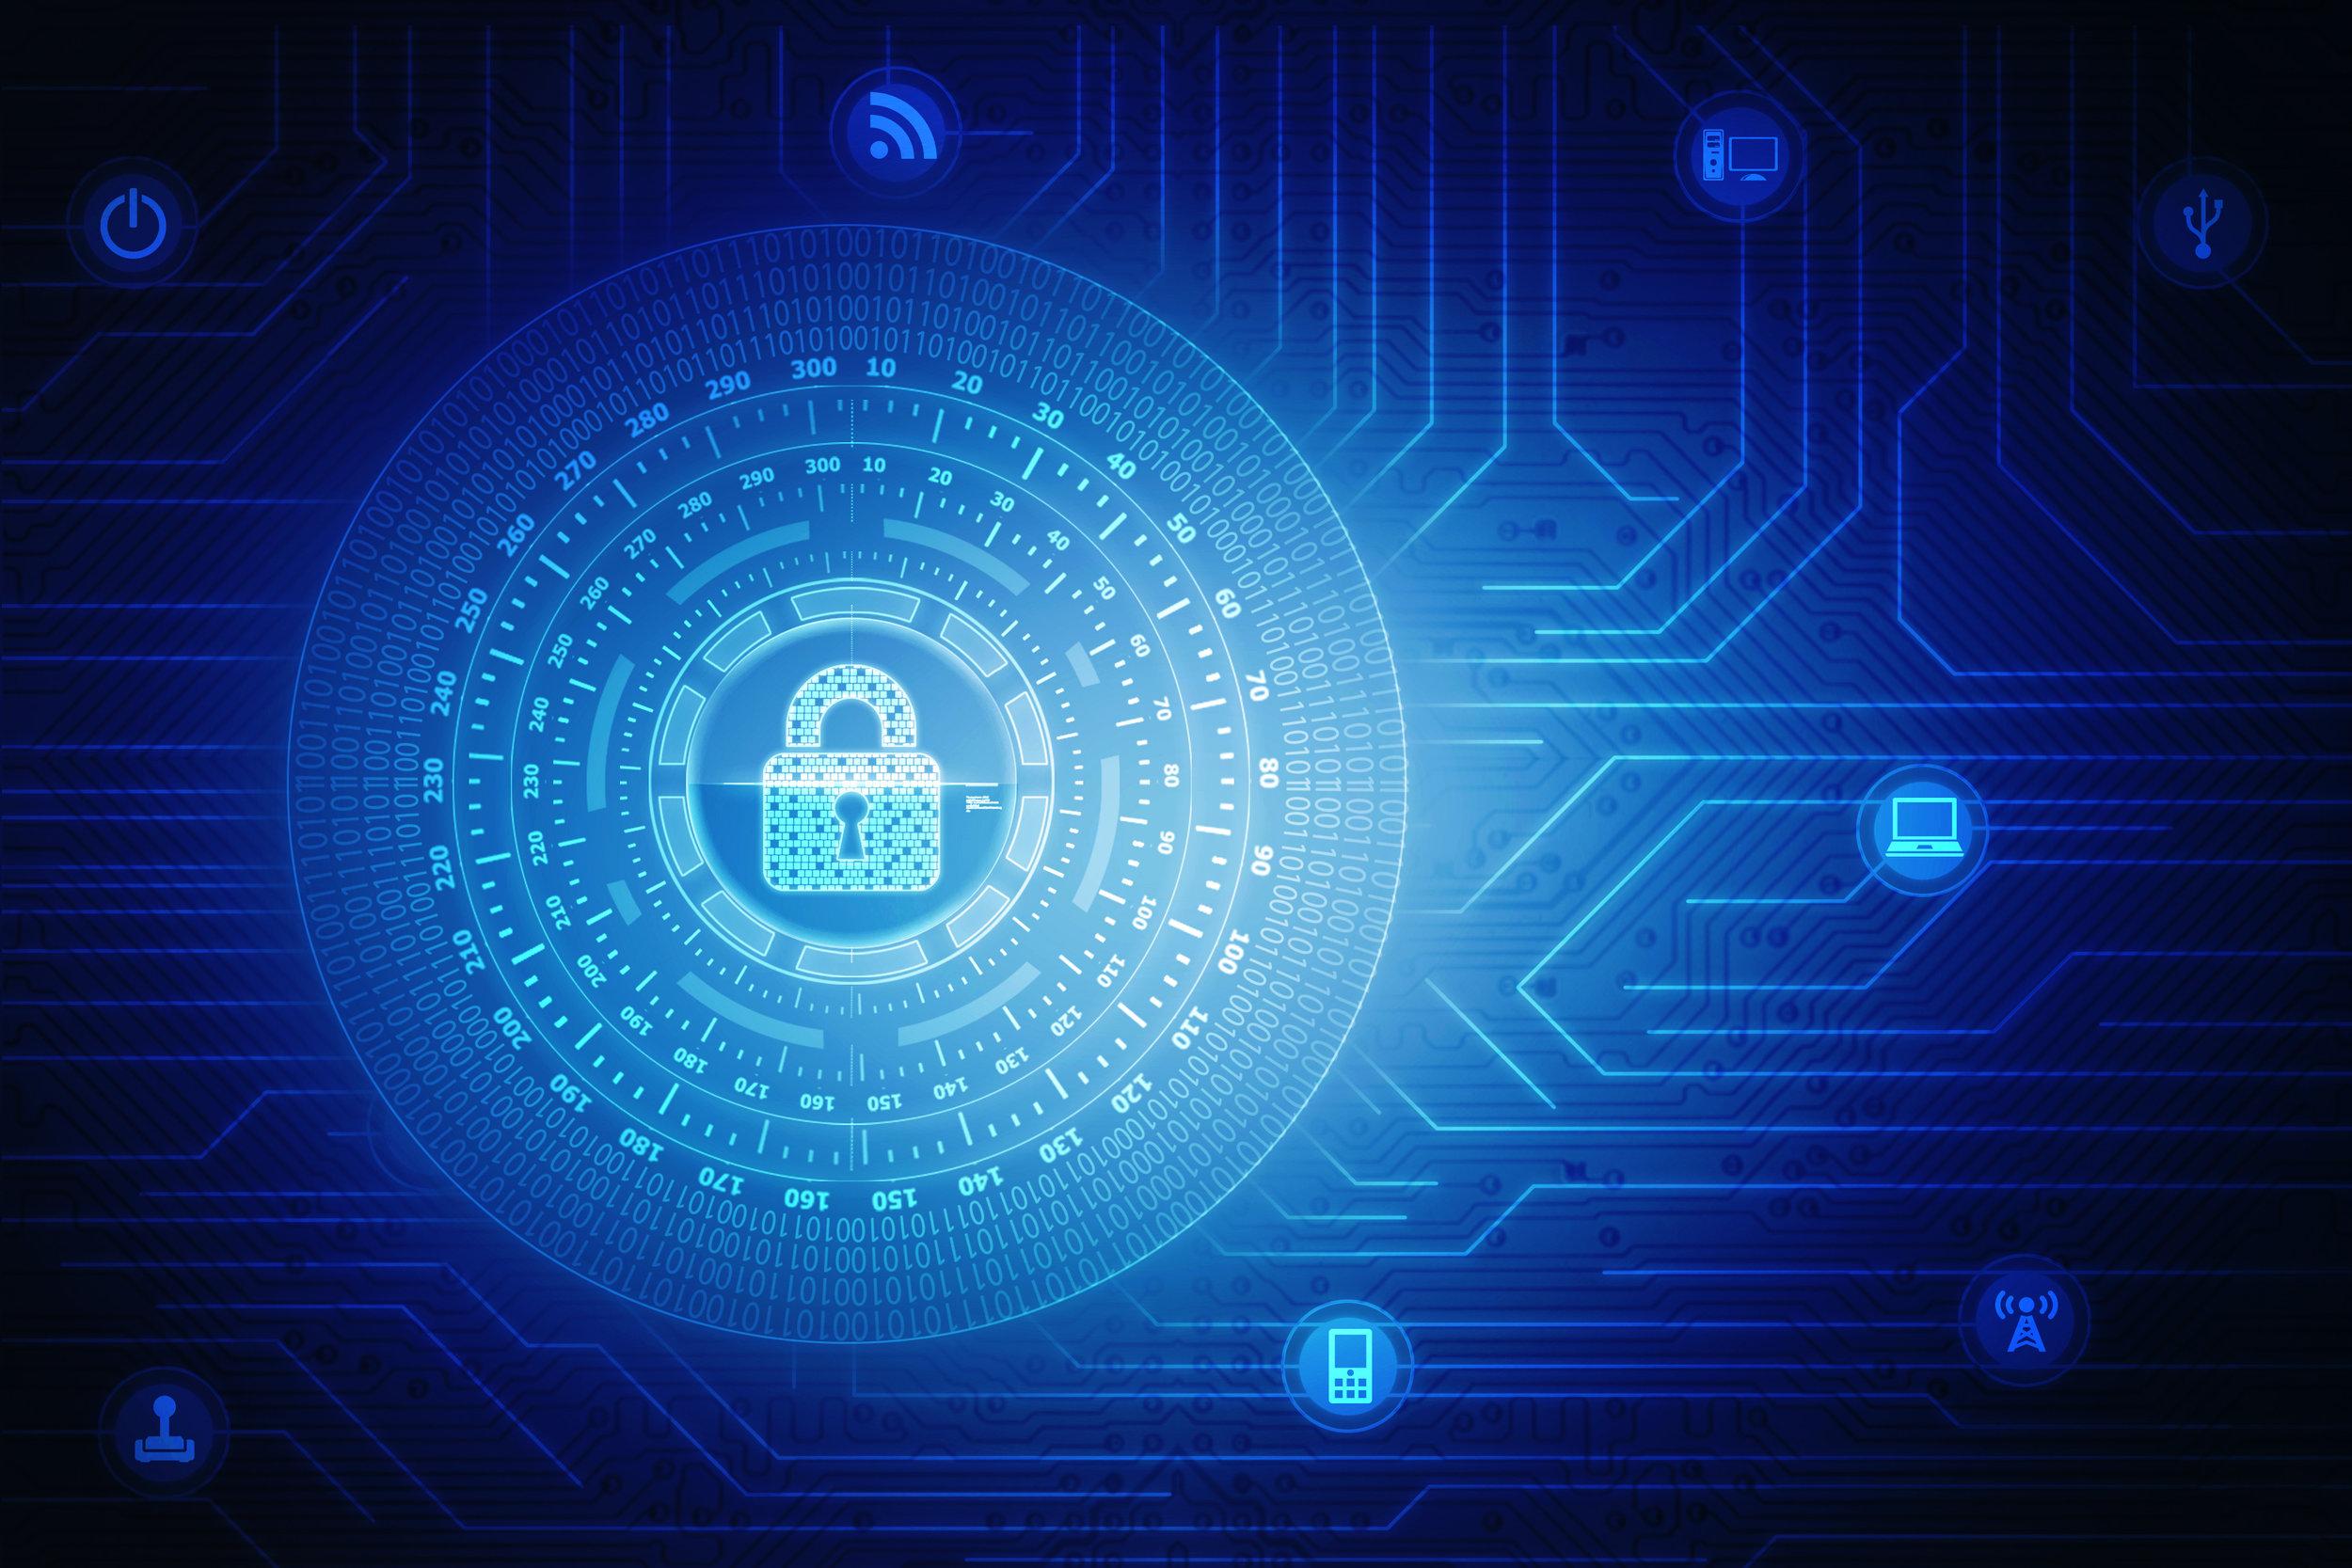 Proteção de Dados e Segurança Cibernética nas Smart Cities - Riscos, Lições e Perspectivas do Novo Cenário Regulatório Brasileiro